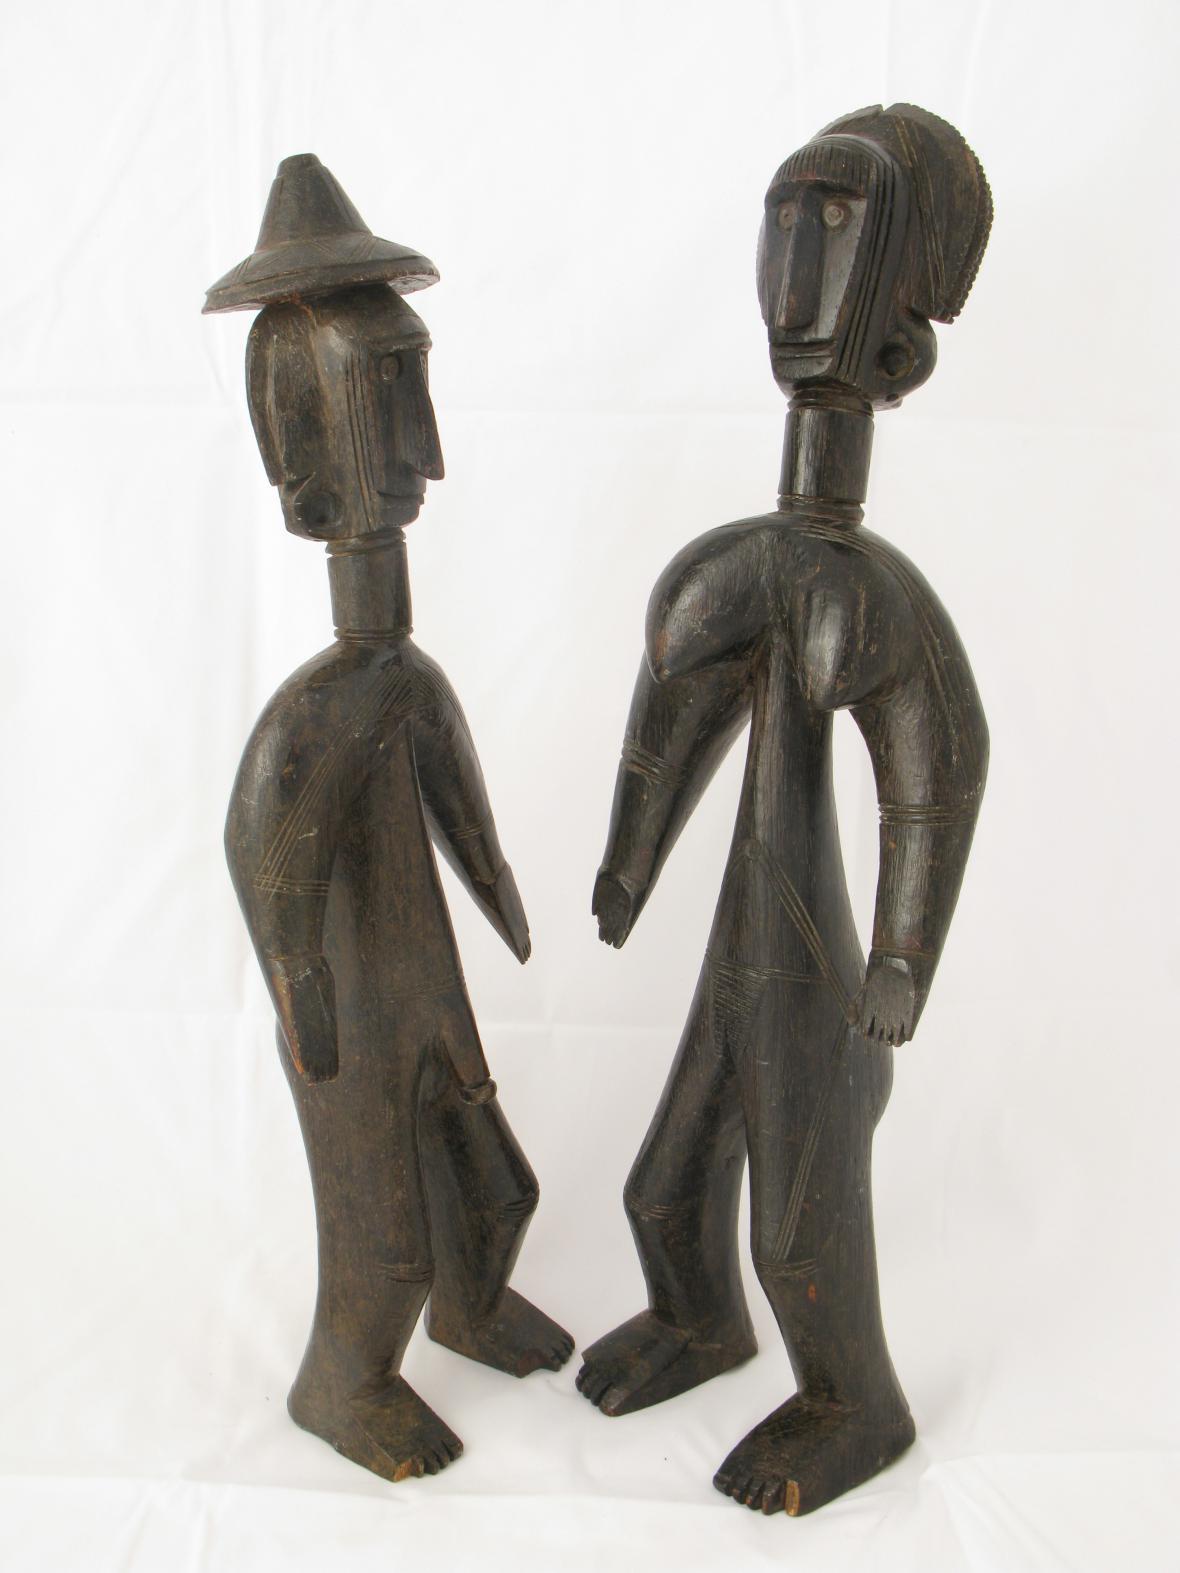 Soška muže a ženy, Mali, 19./20. st.